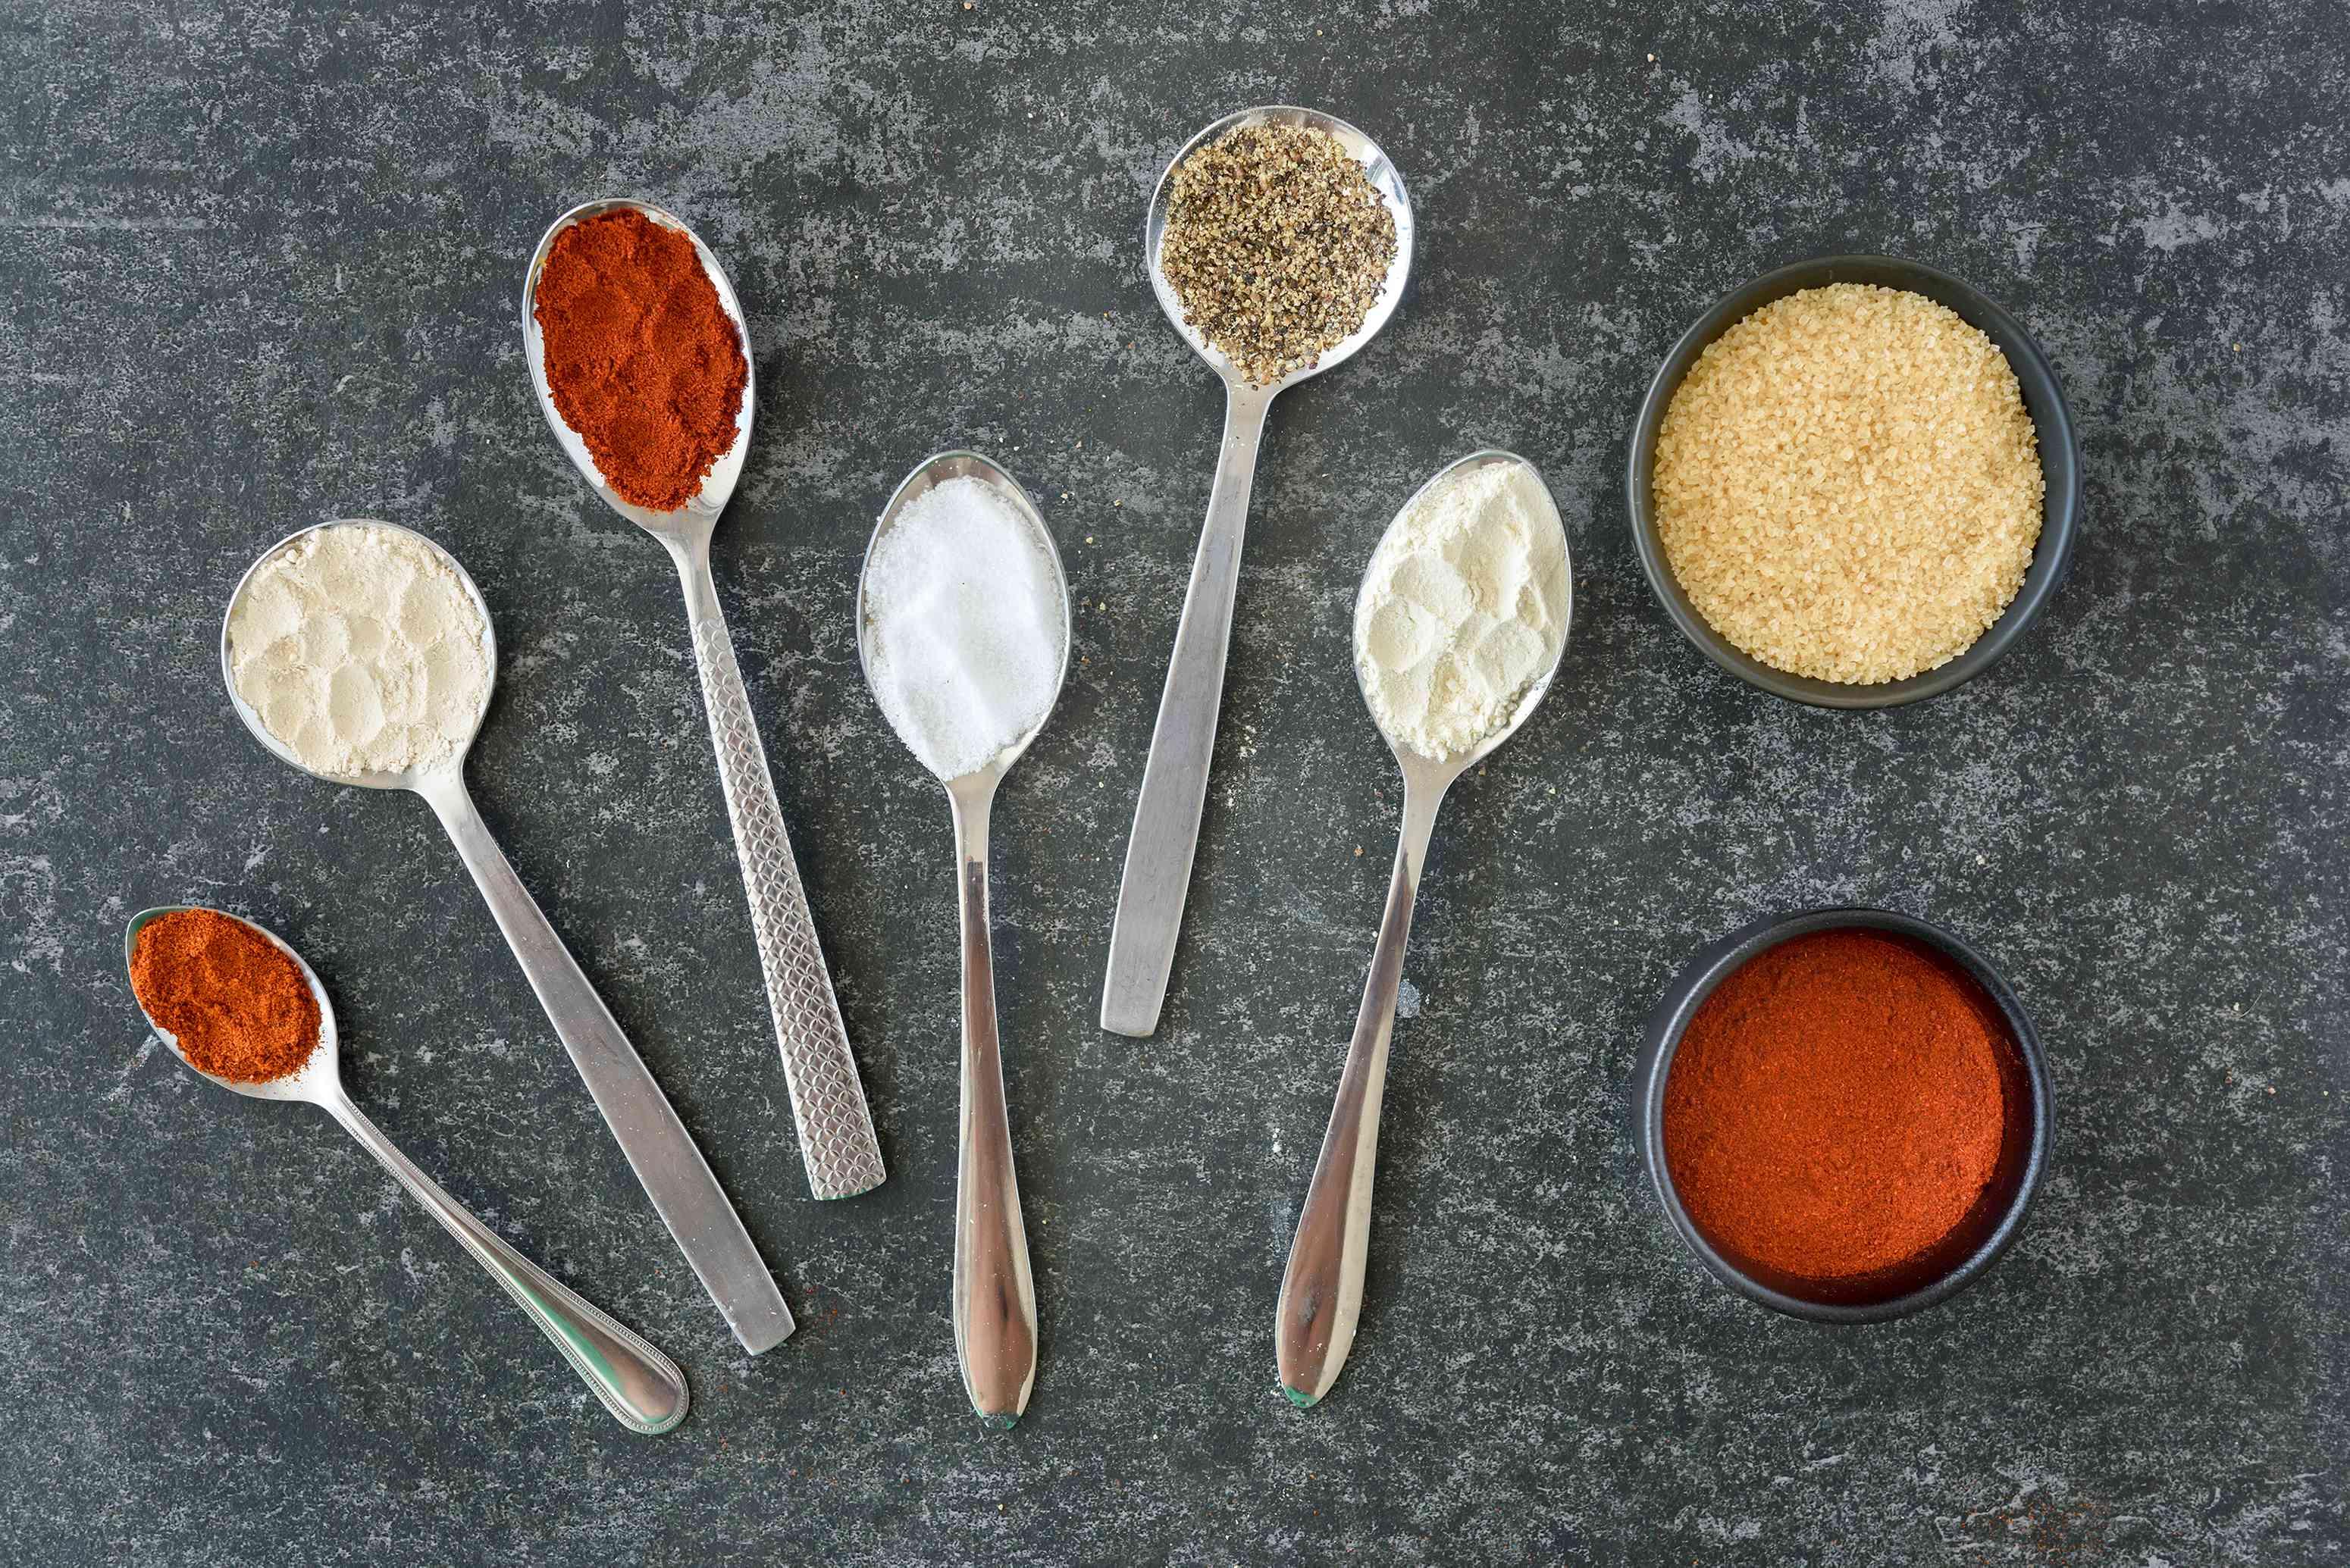 Ingredients for Kansas City rib rub